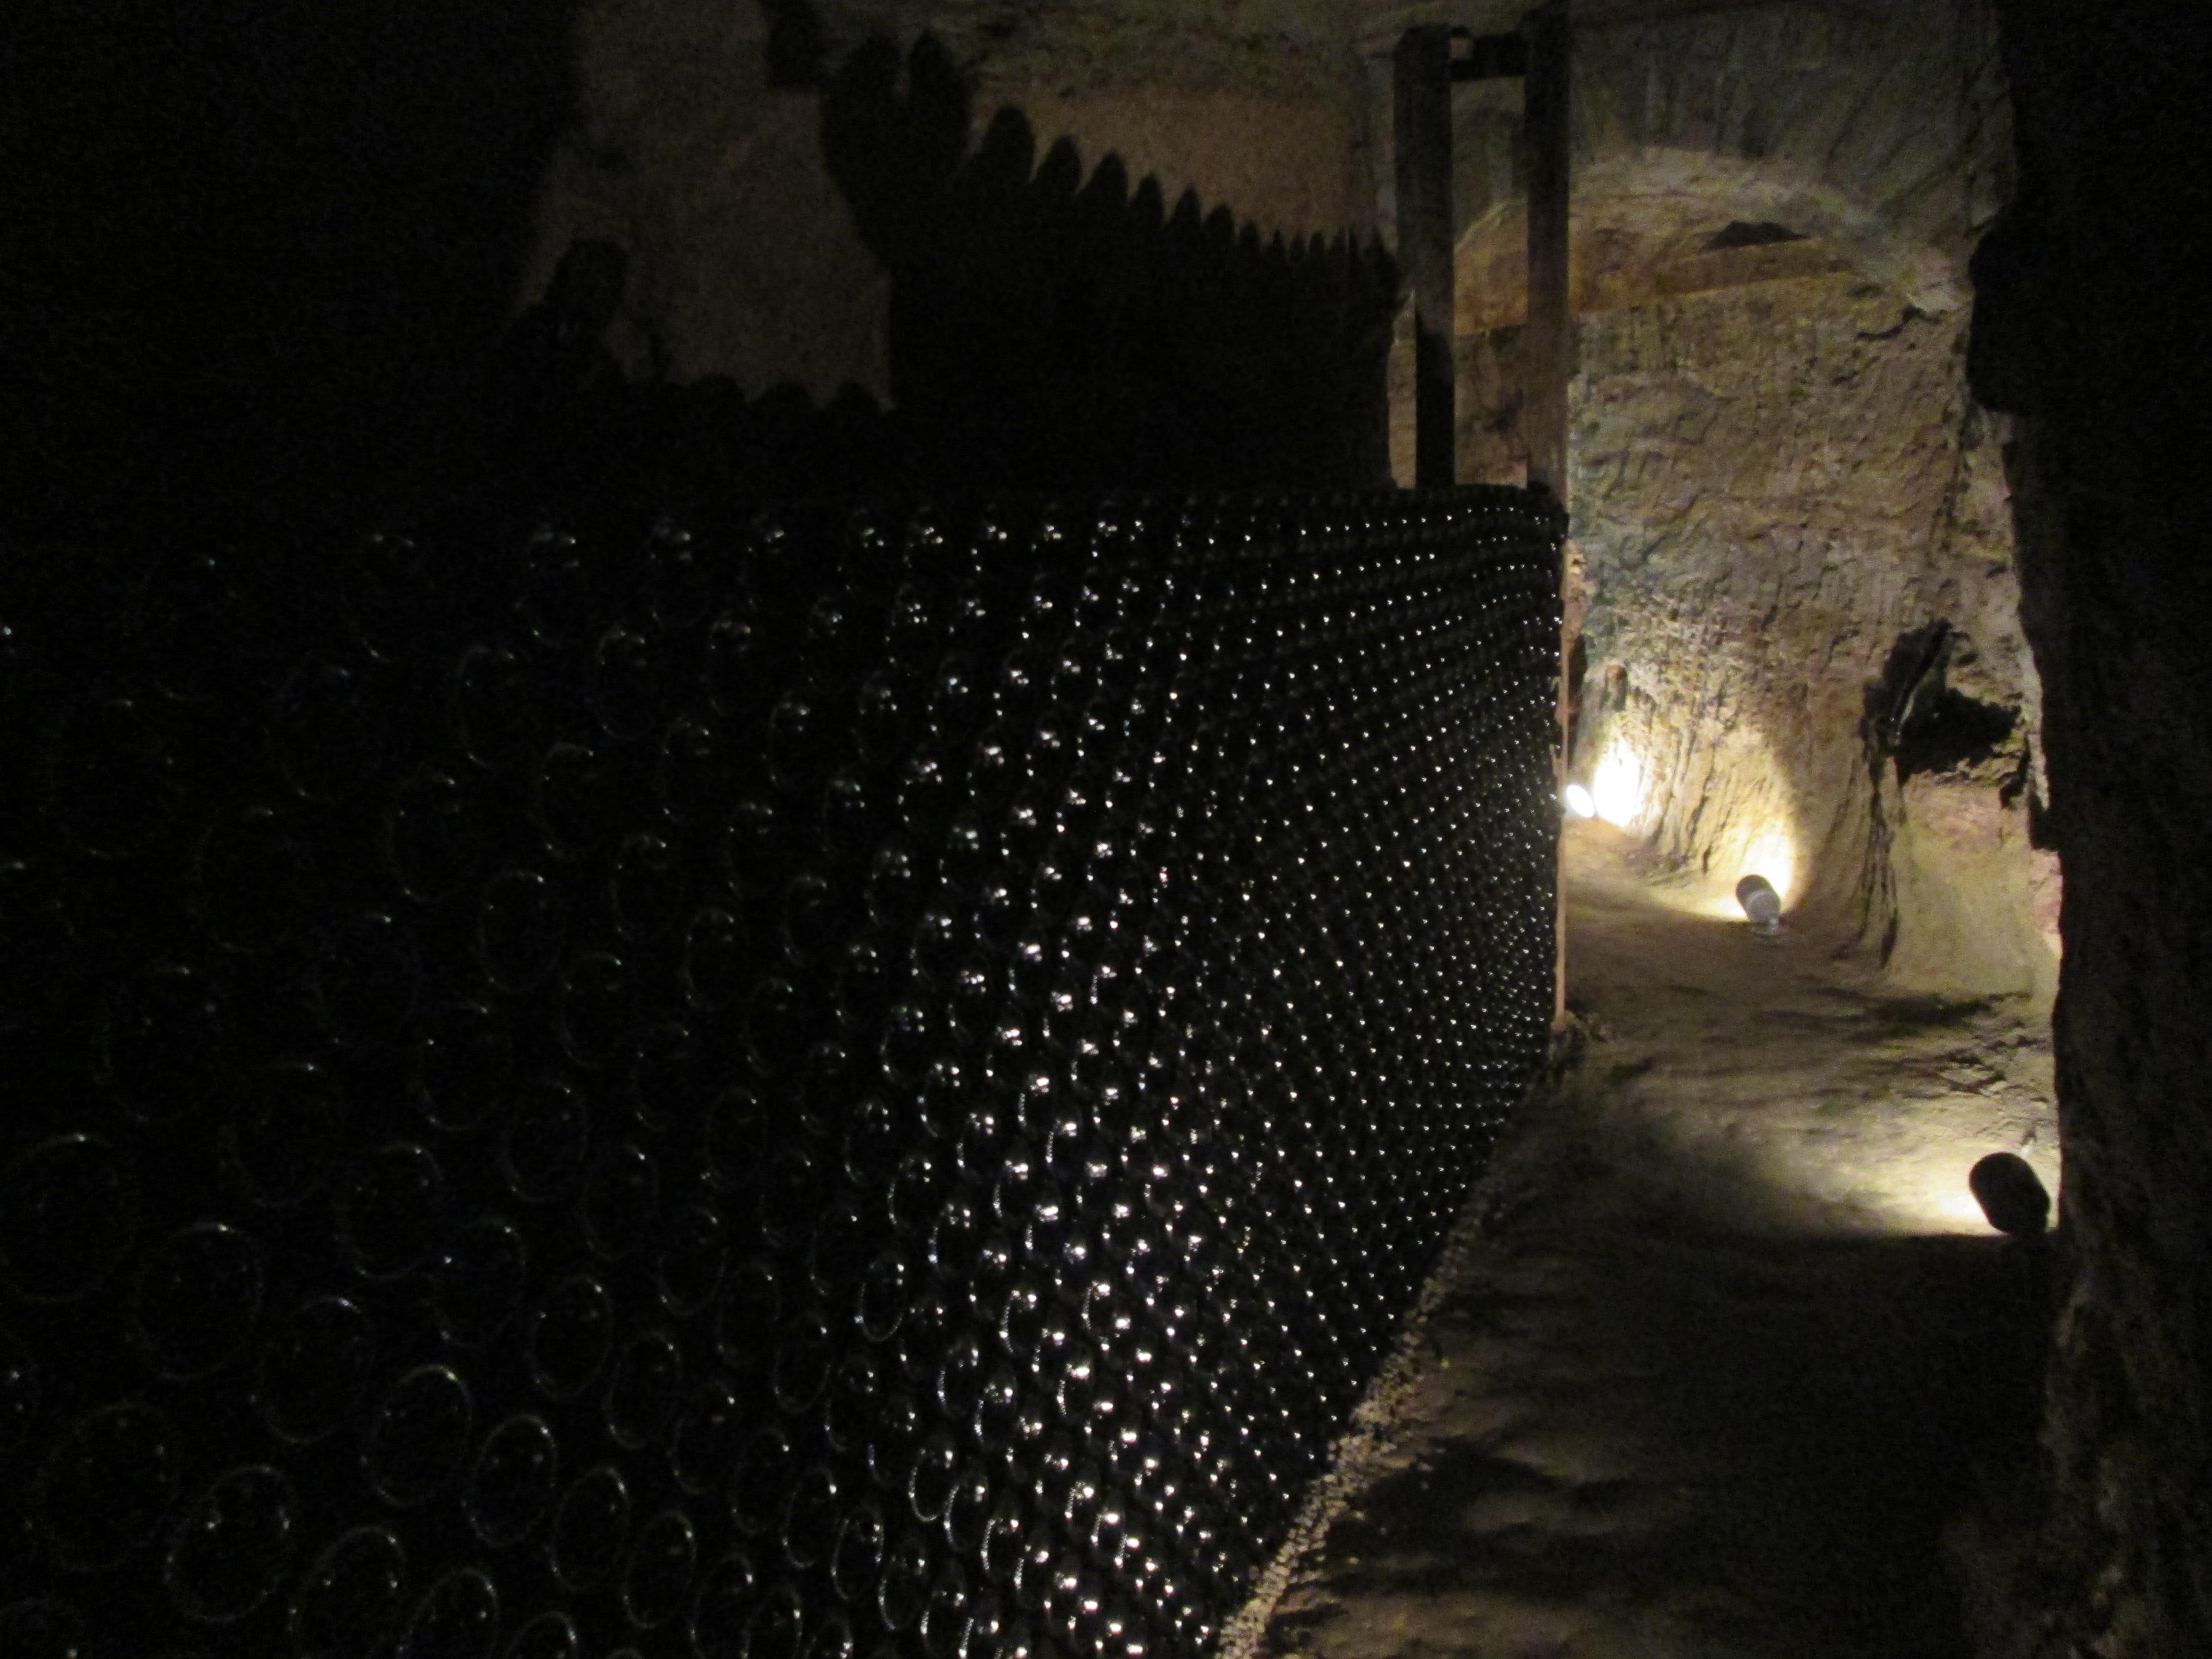 cunicolo sotterraneo scavato nella roccia per l'affinamento dello spumante